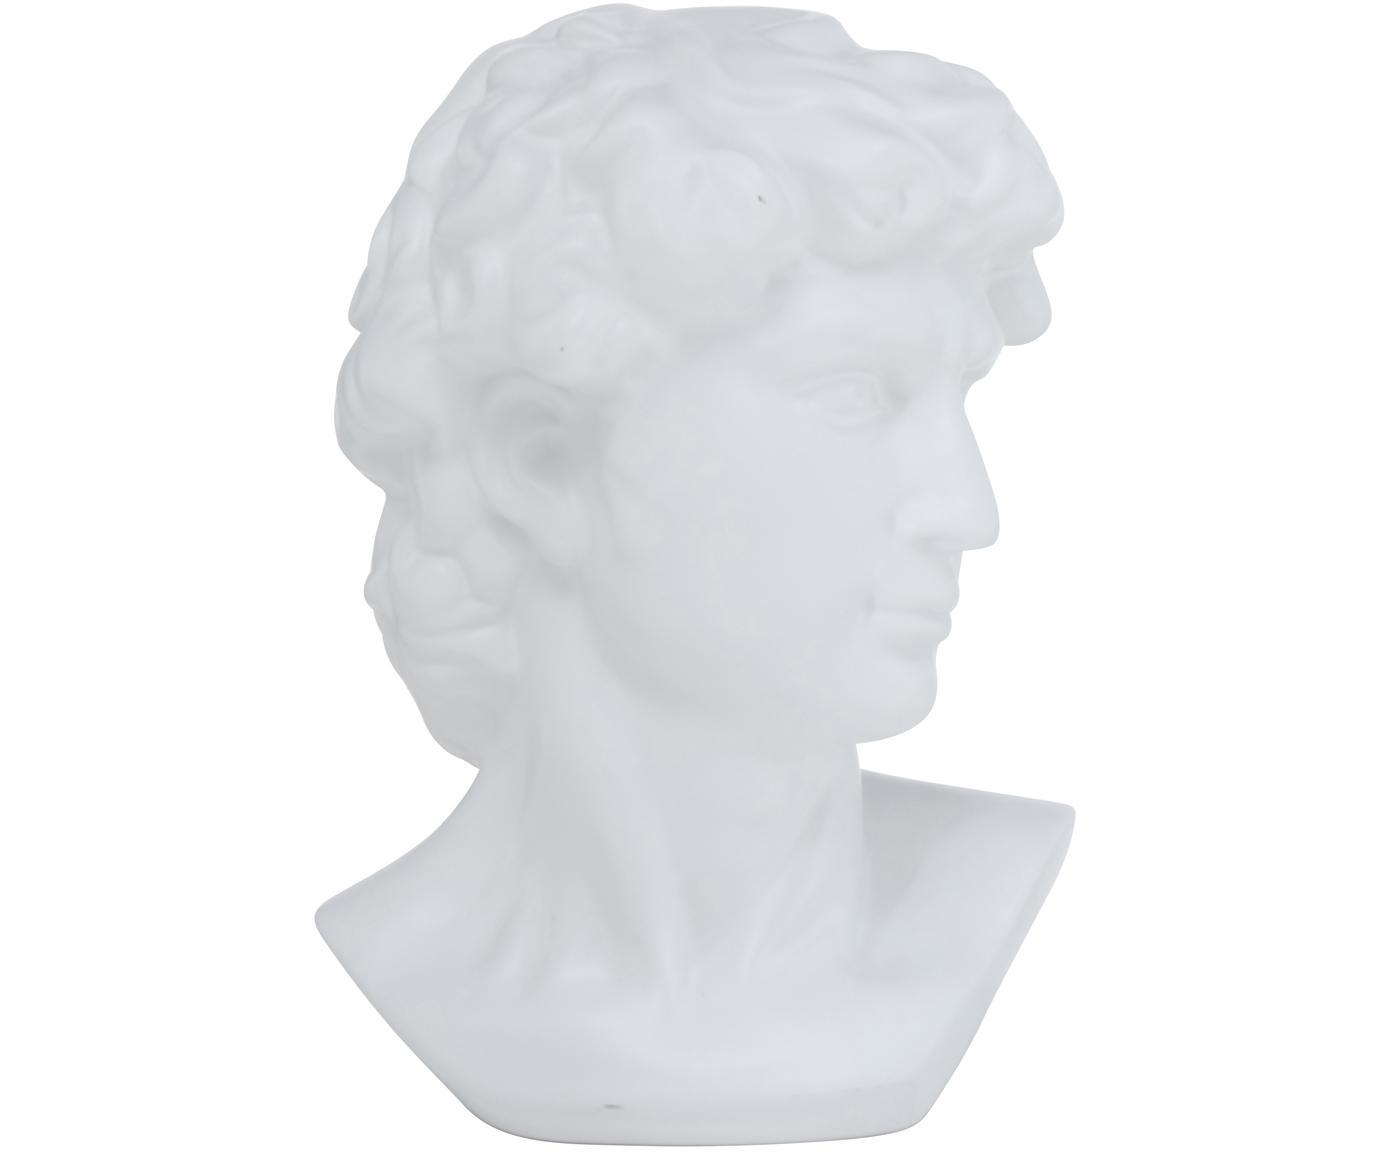 Oggetto decorativo Ludovico, Terracotta, Bianco, Larg. 20 x Alt. 29 cm